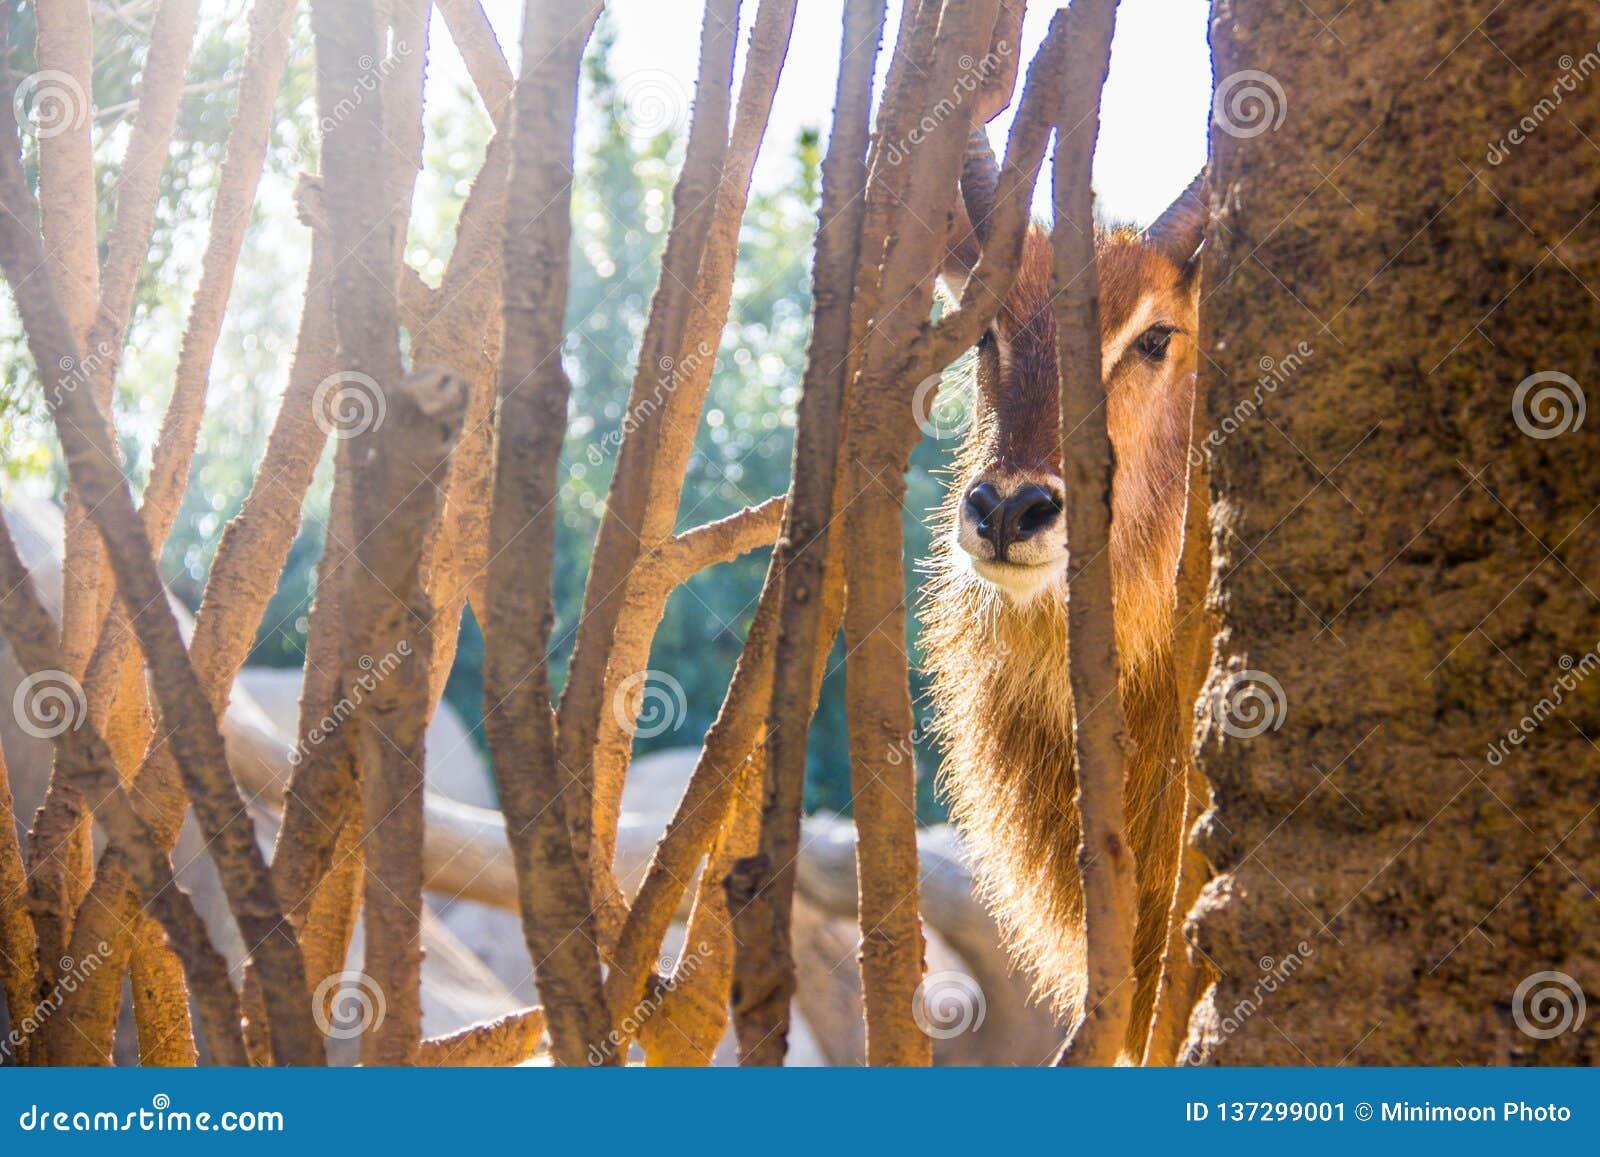 Αντιλόπη Waterbuck, ellipsiprymnus Kobus, πίσω από έναν ξύλινο φράκτη σε έναν ζωολογικό κήπο